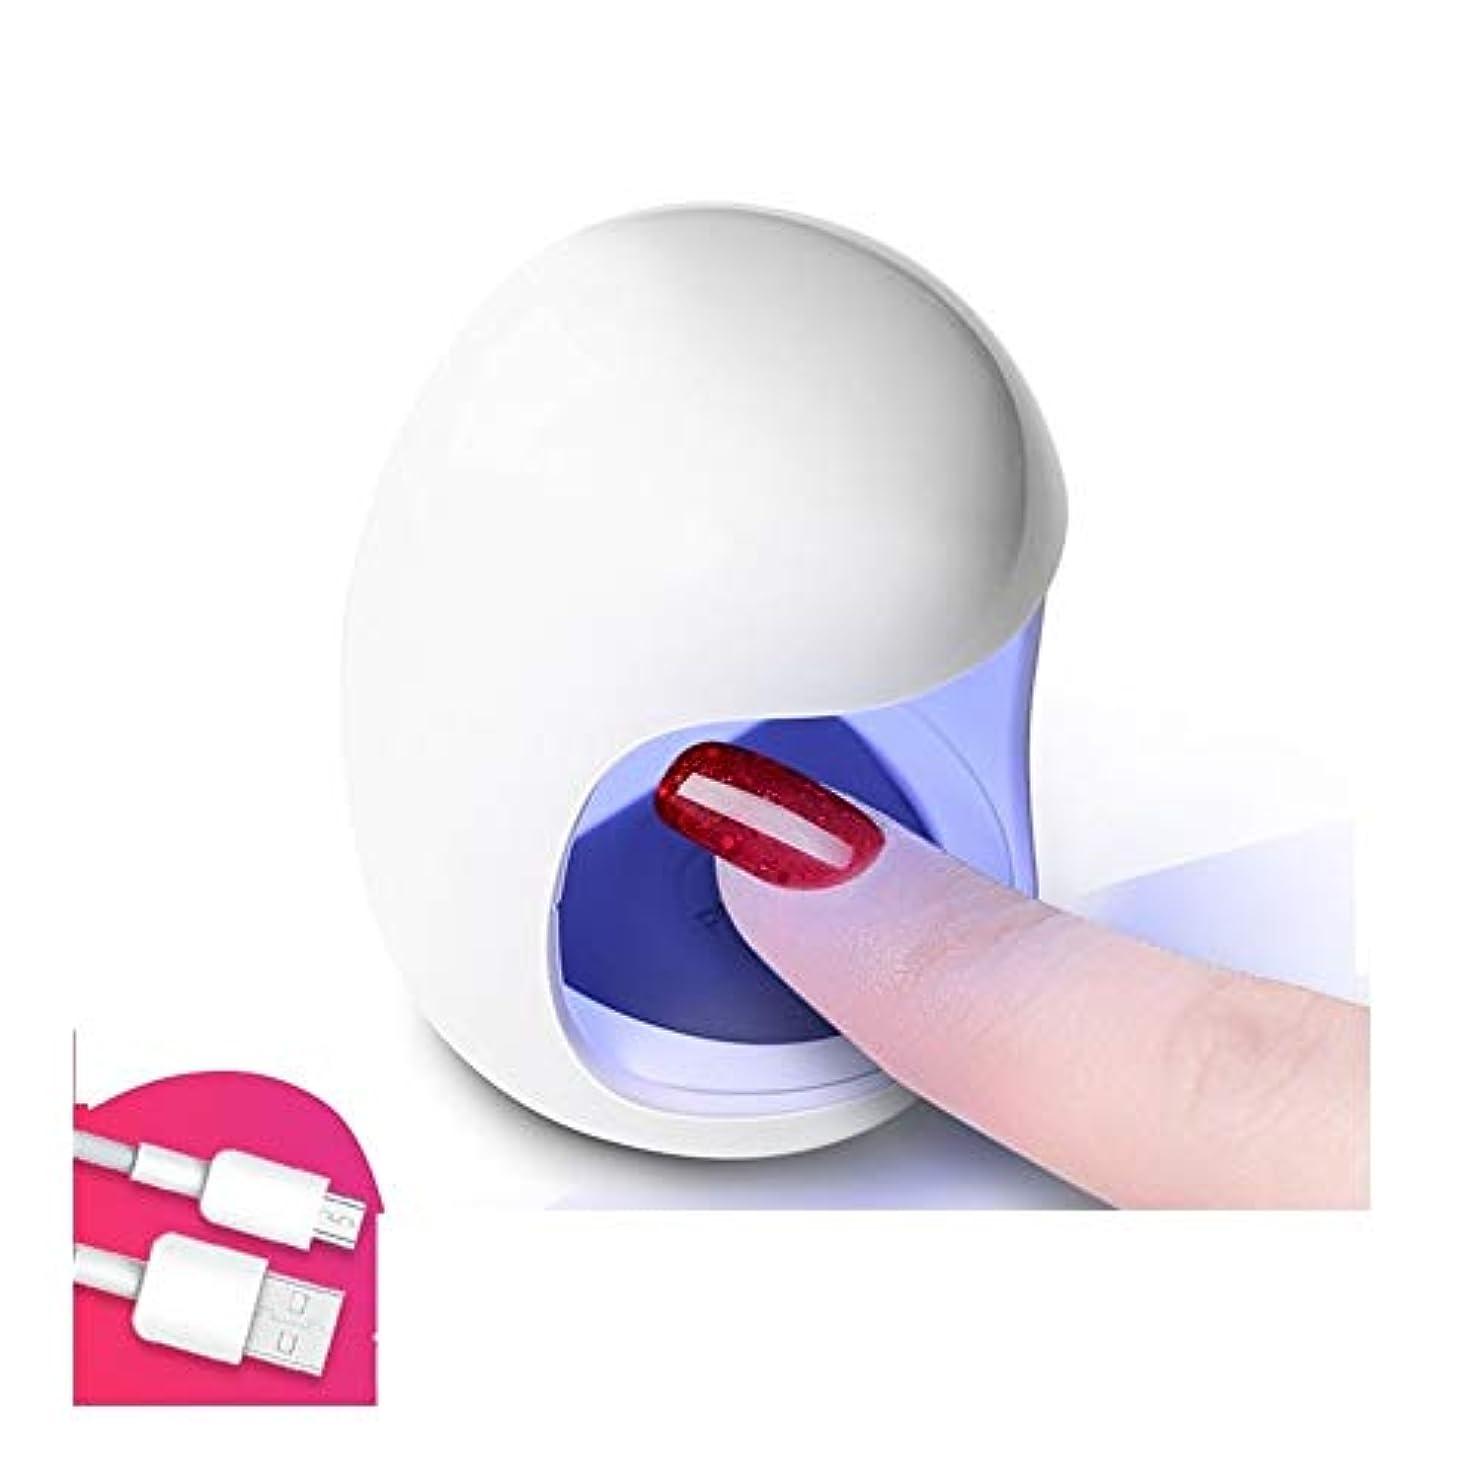 立証する支配する難しいLittleCat ネイル光線療法のミニUSB太陽灯ライトセラピーランプLEDランプ速乾性ネイルポリッシュベーキングゴム (色 : White+USB cable)